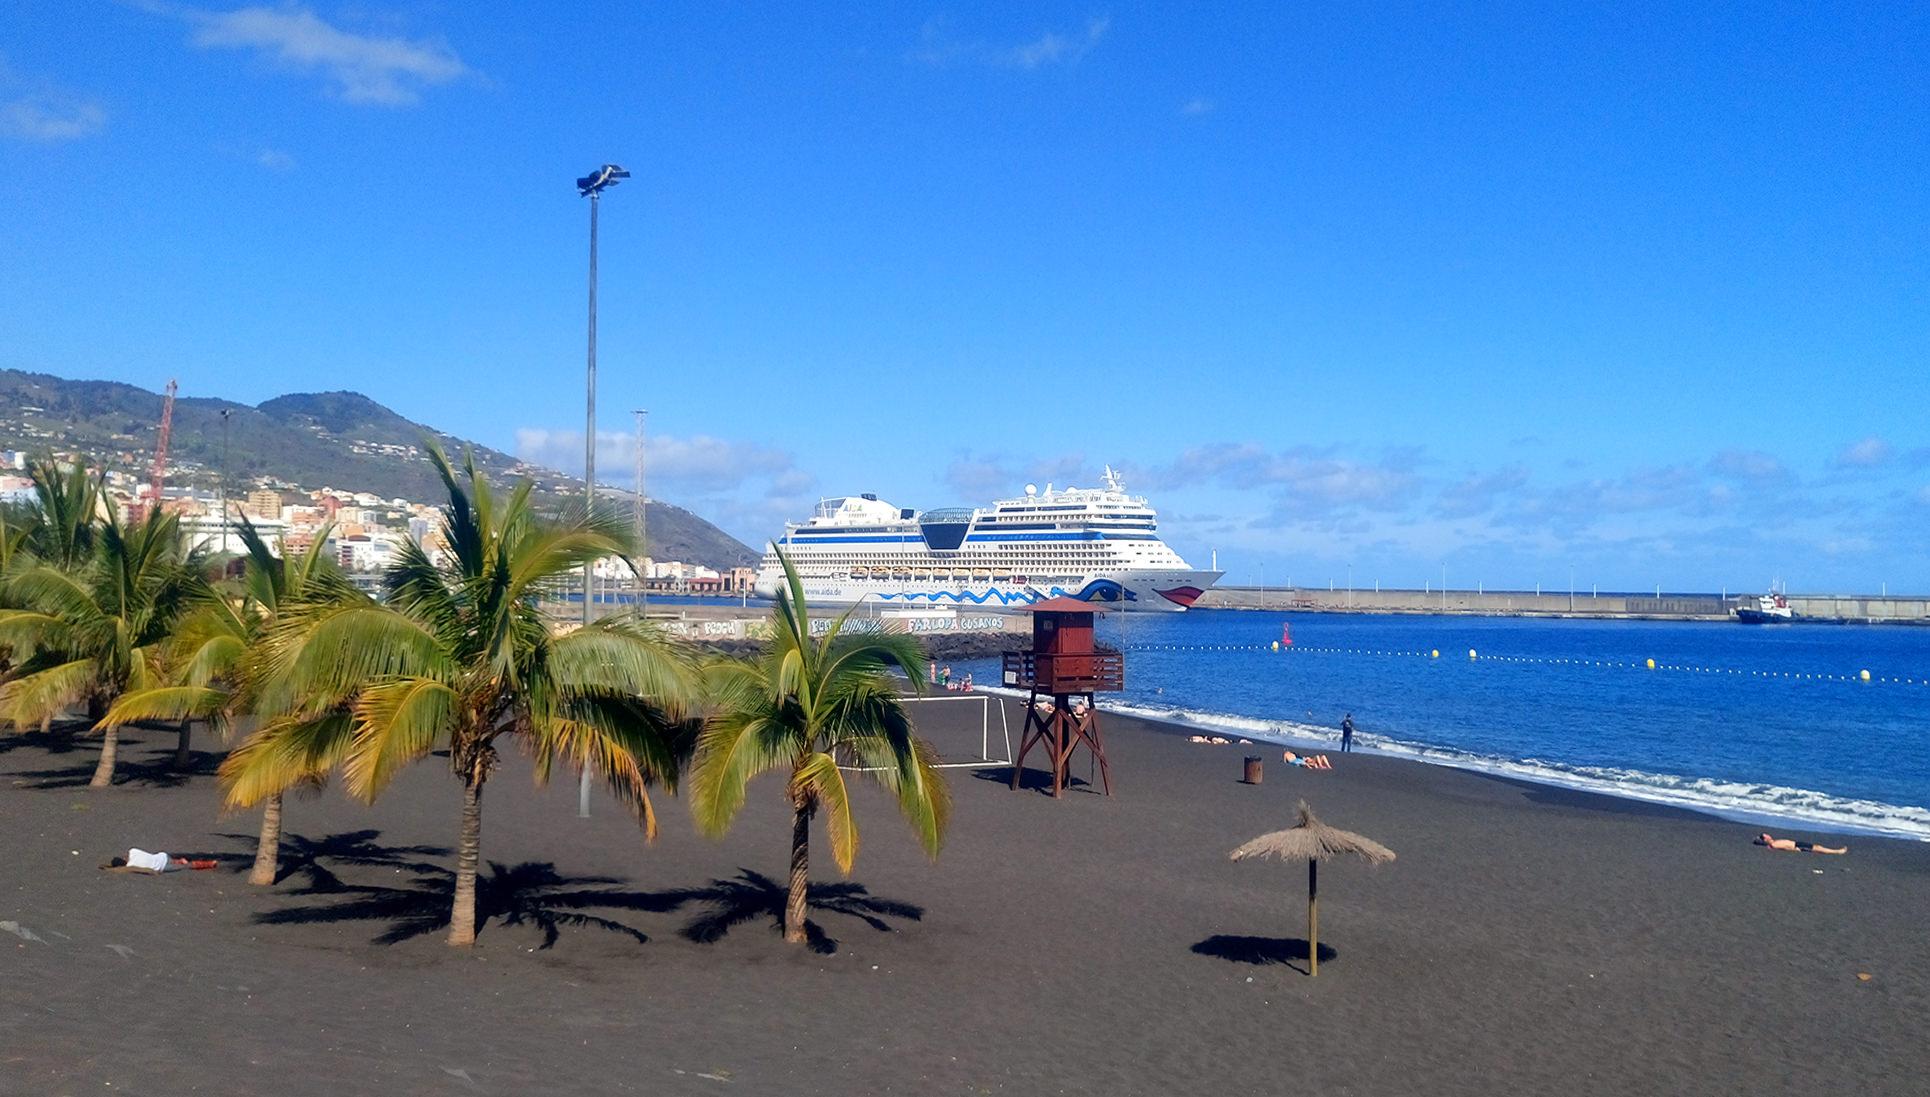 le spiaggie più belle de la Palma Canarie spiaggia-santa-cruz playa-bajamar